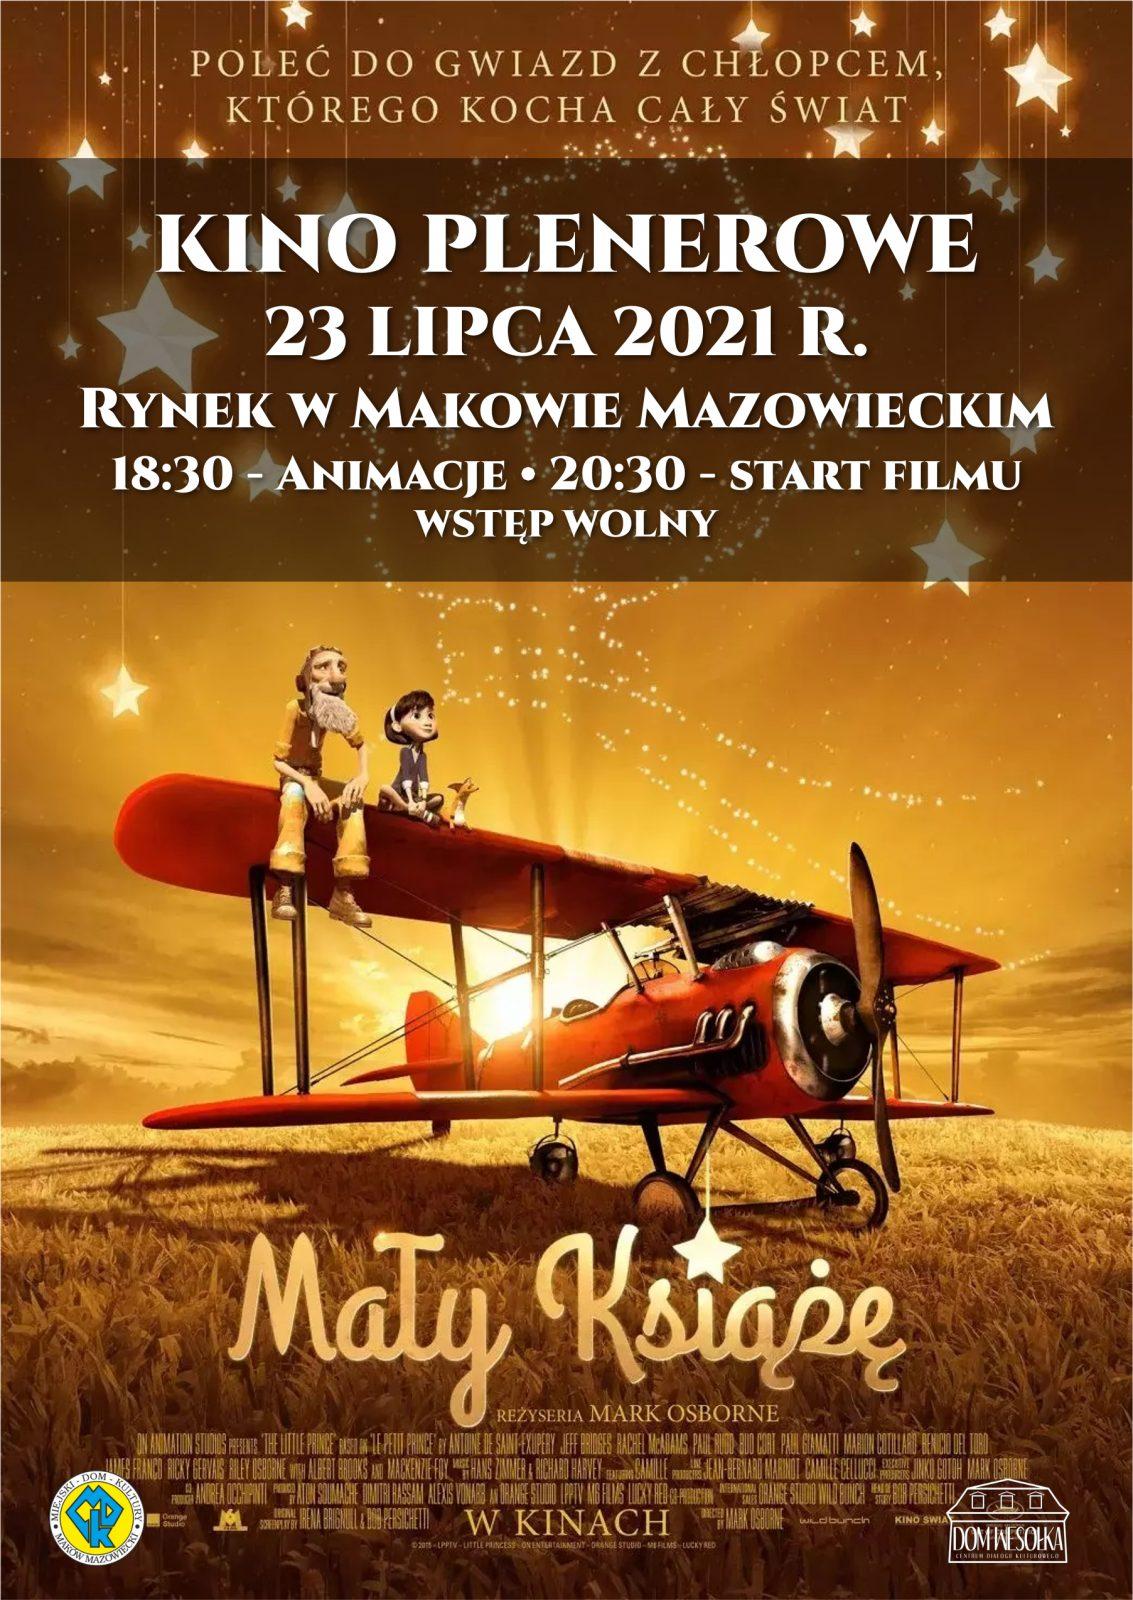 Plakat zapraszający na kino plenerowe i seans Mały Książę 23 lipca 2021. Animacje o godzinie 18:30, start filmu 20:30. Miejsce Rynek Miejski.